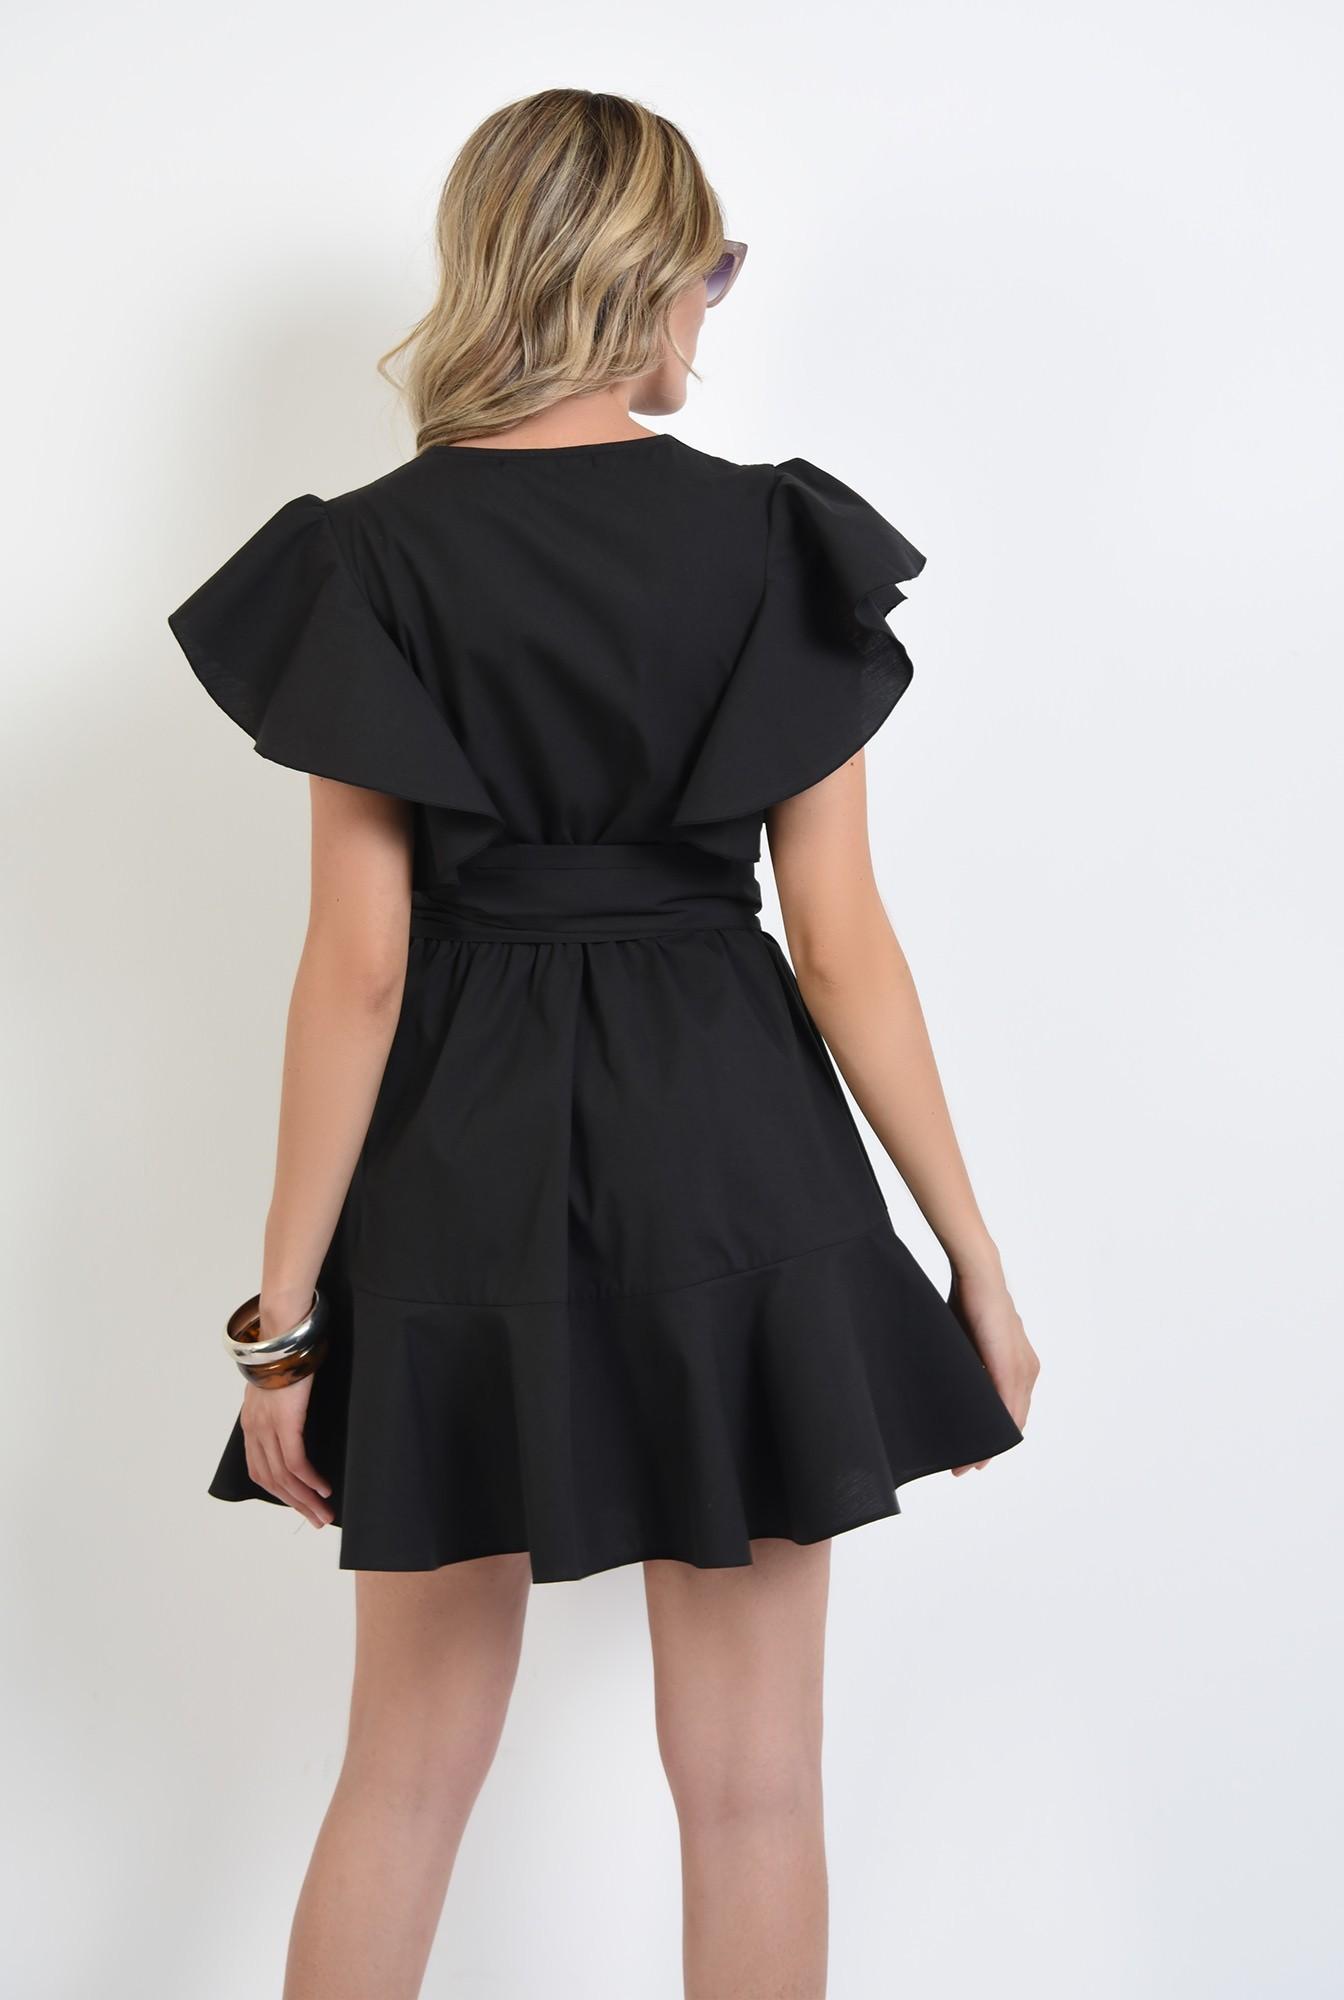 1 - 360 - rochie mini, clos, cu volan, anchior, maneci fluture, neagra